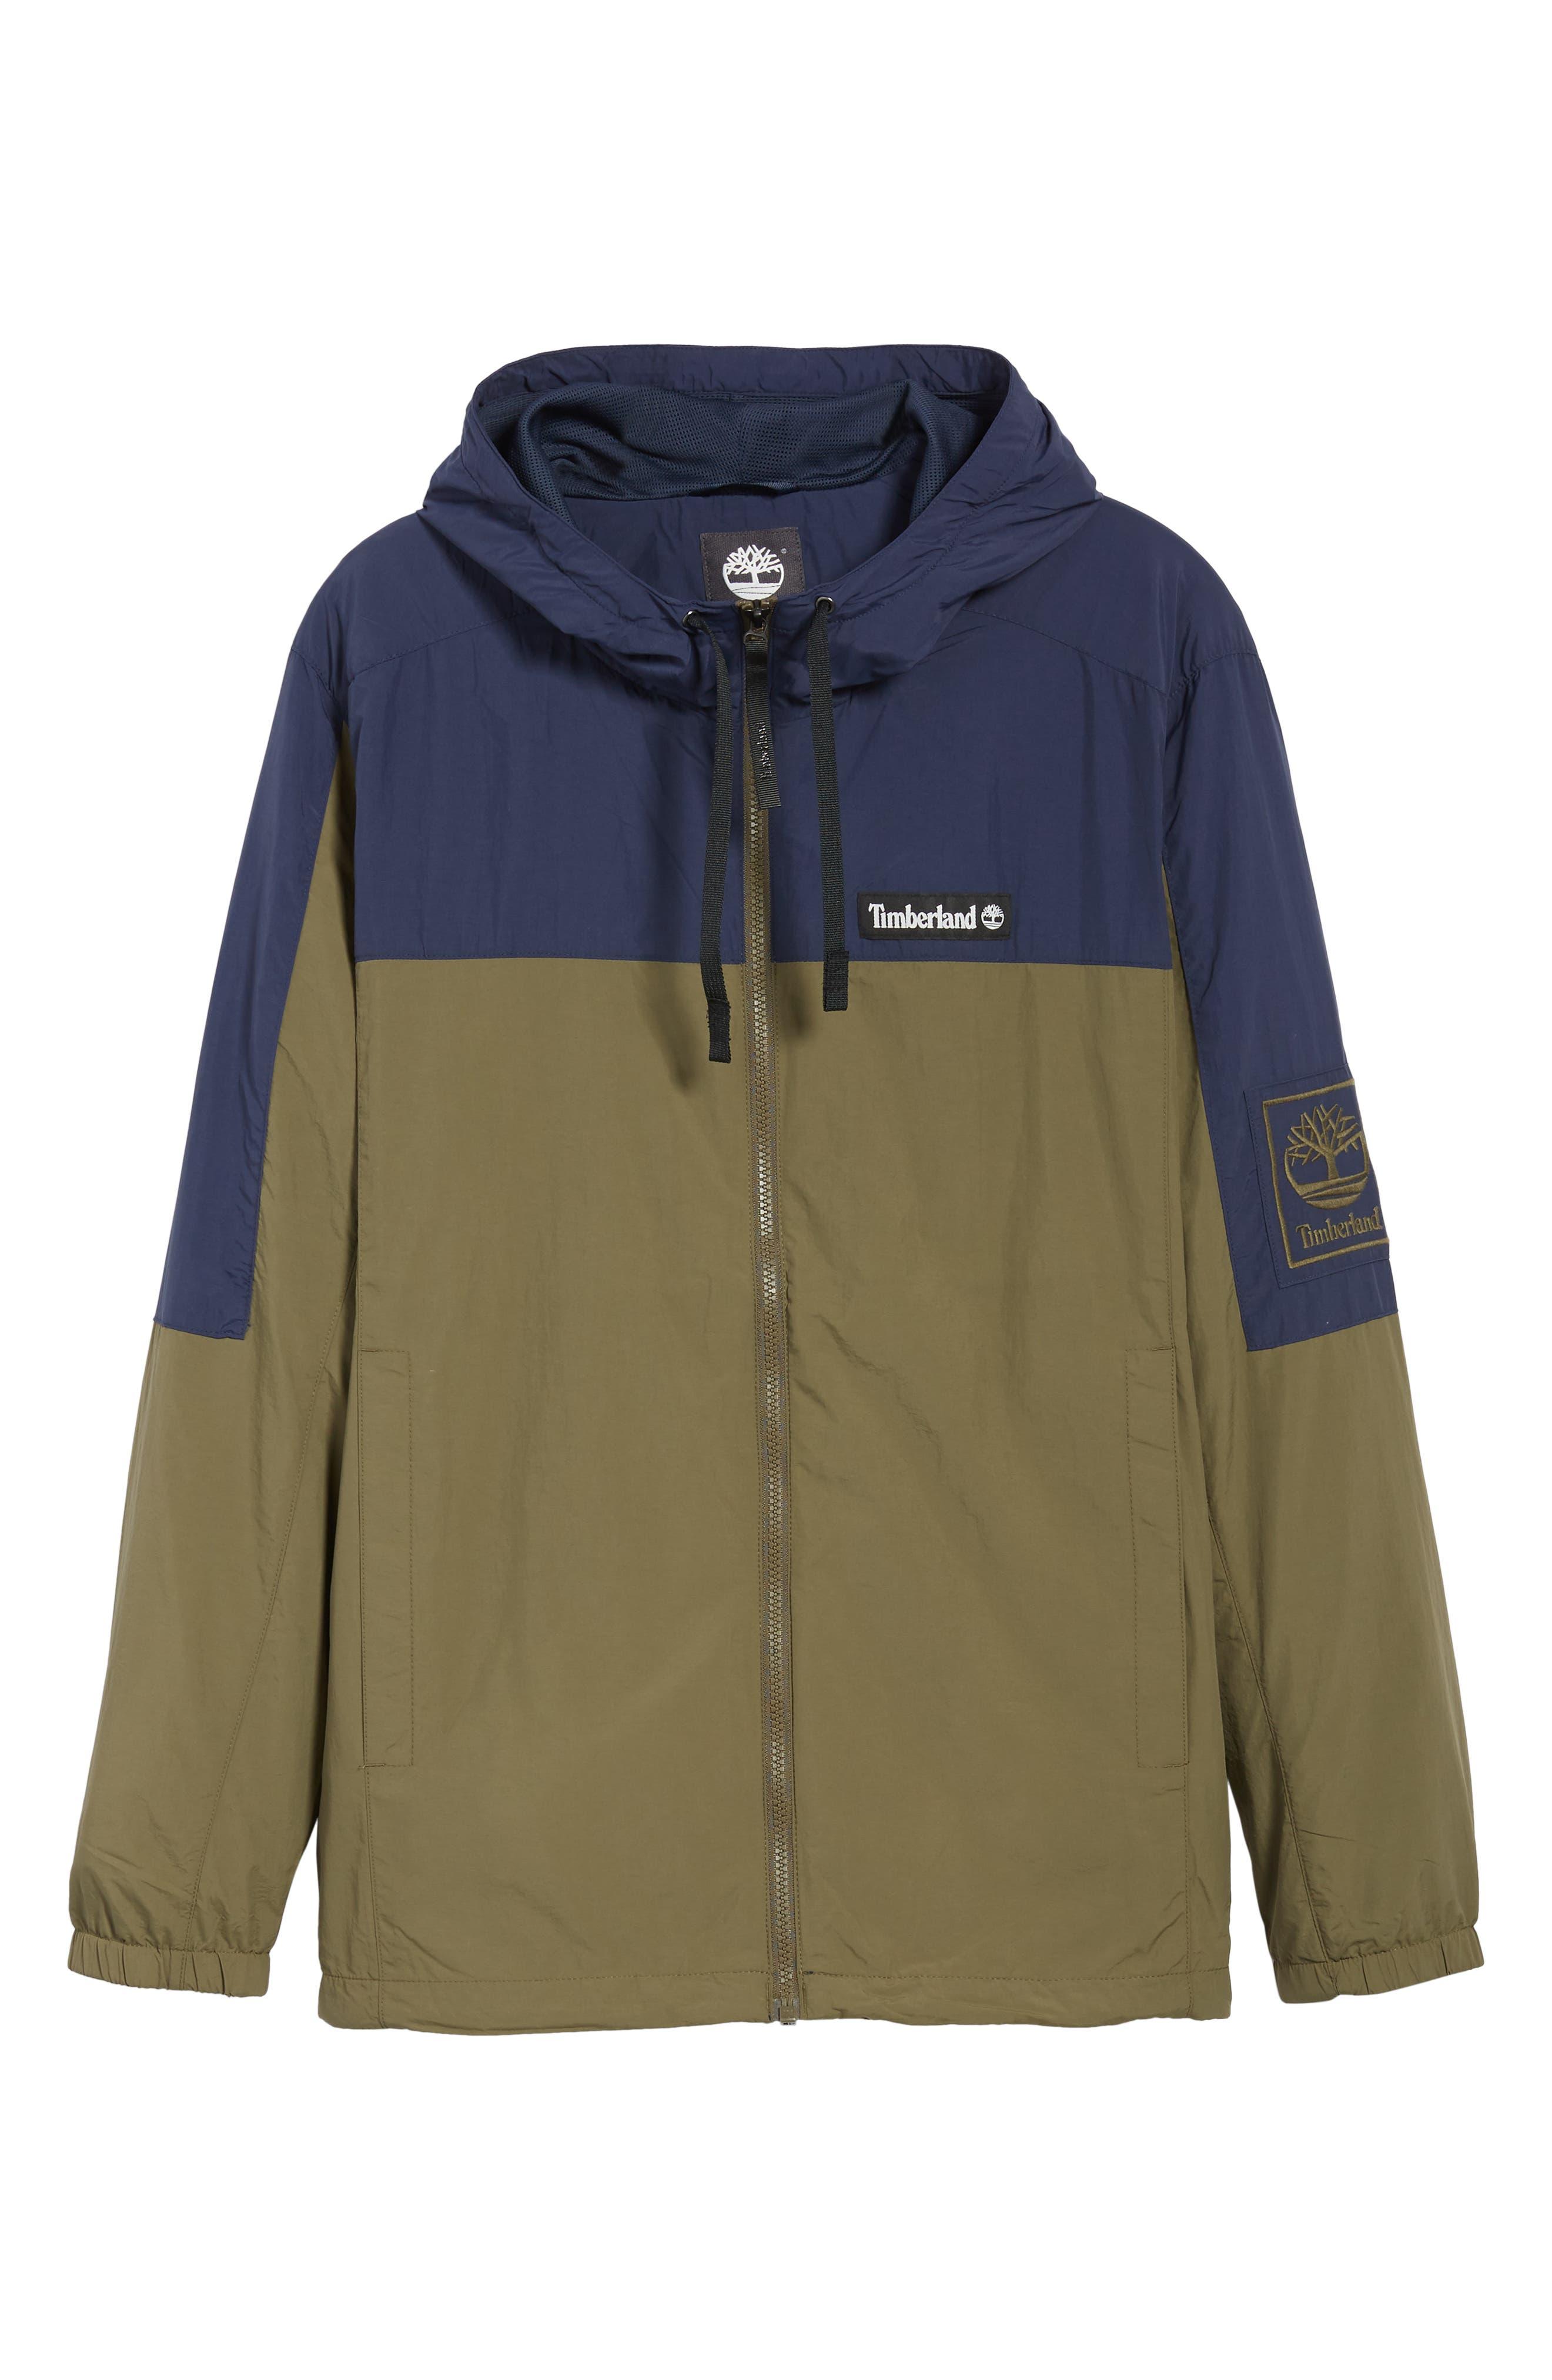 Windbreaker Hooded Jacket,                             Alternate thumbnail 6, color,                             GRAPE LEAF/ BLACK IRIS